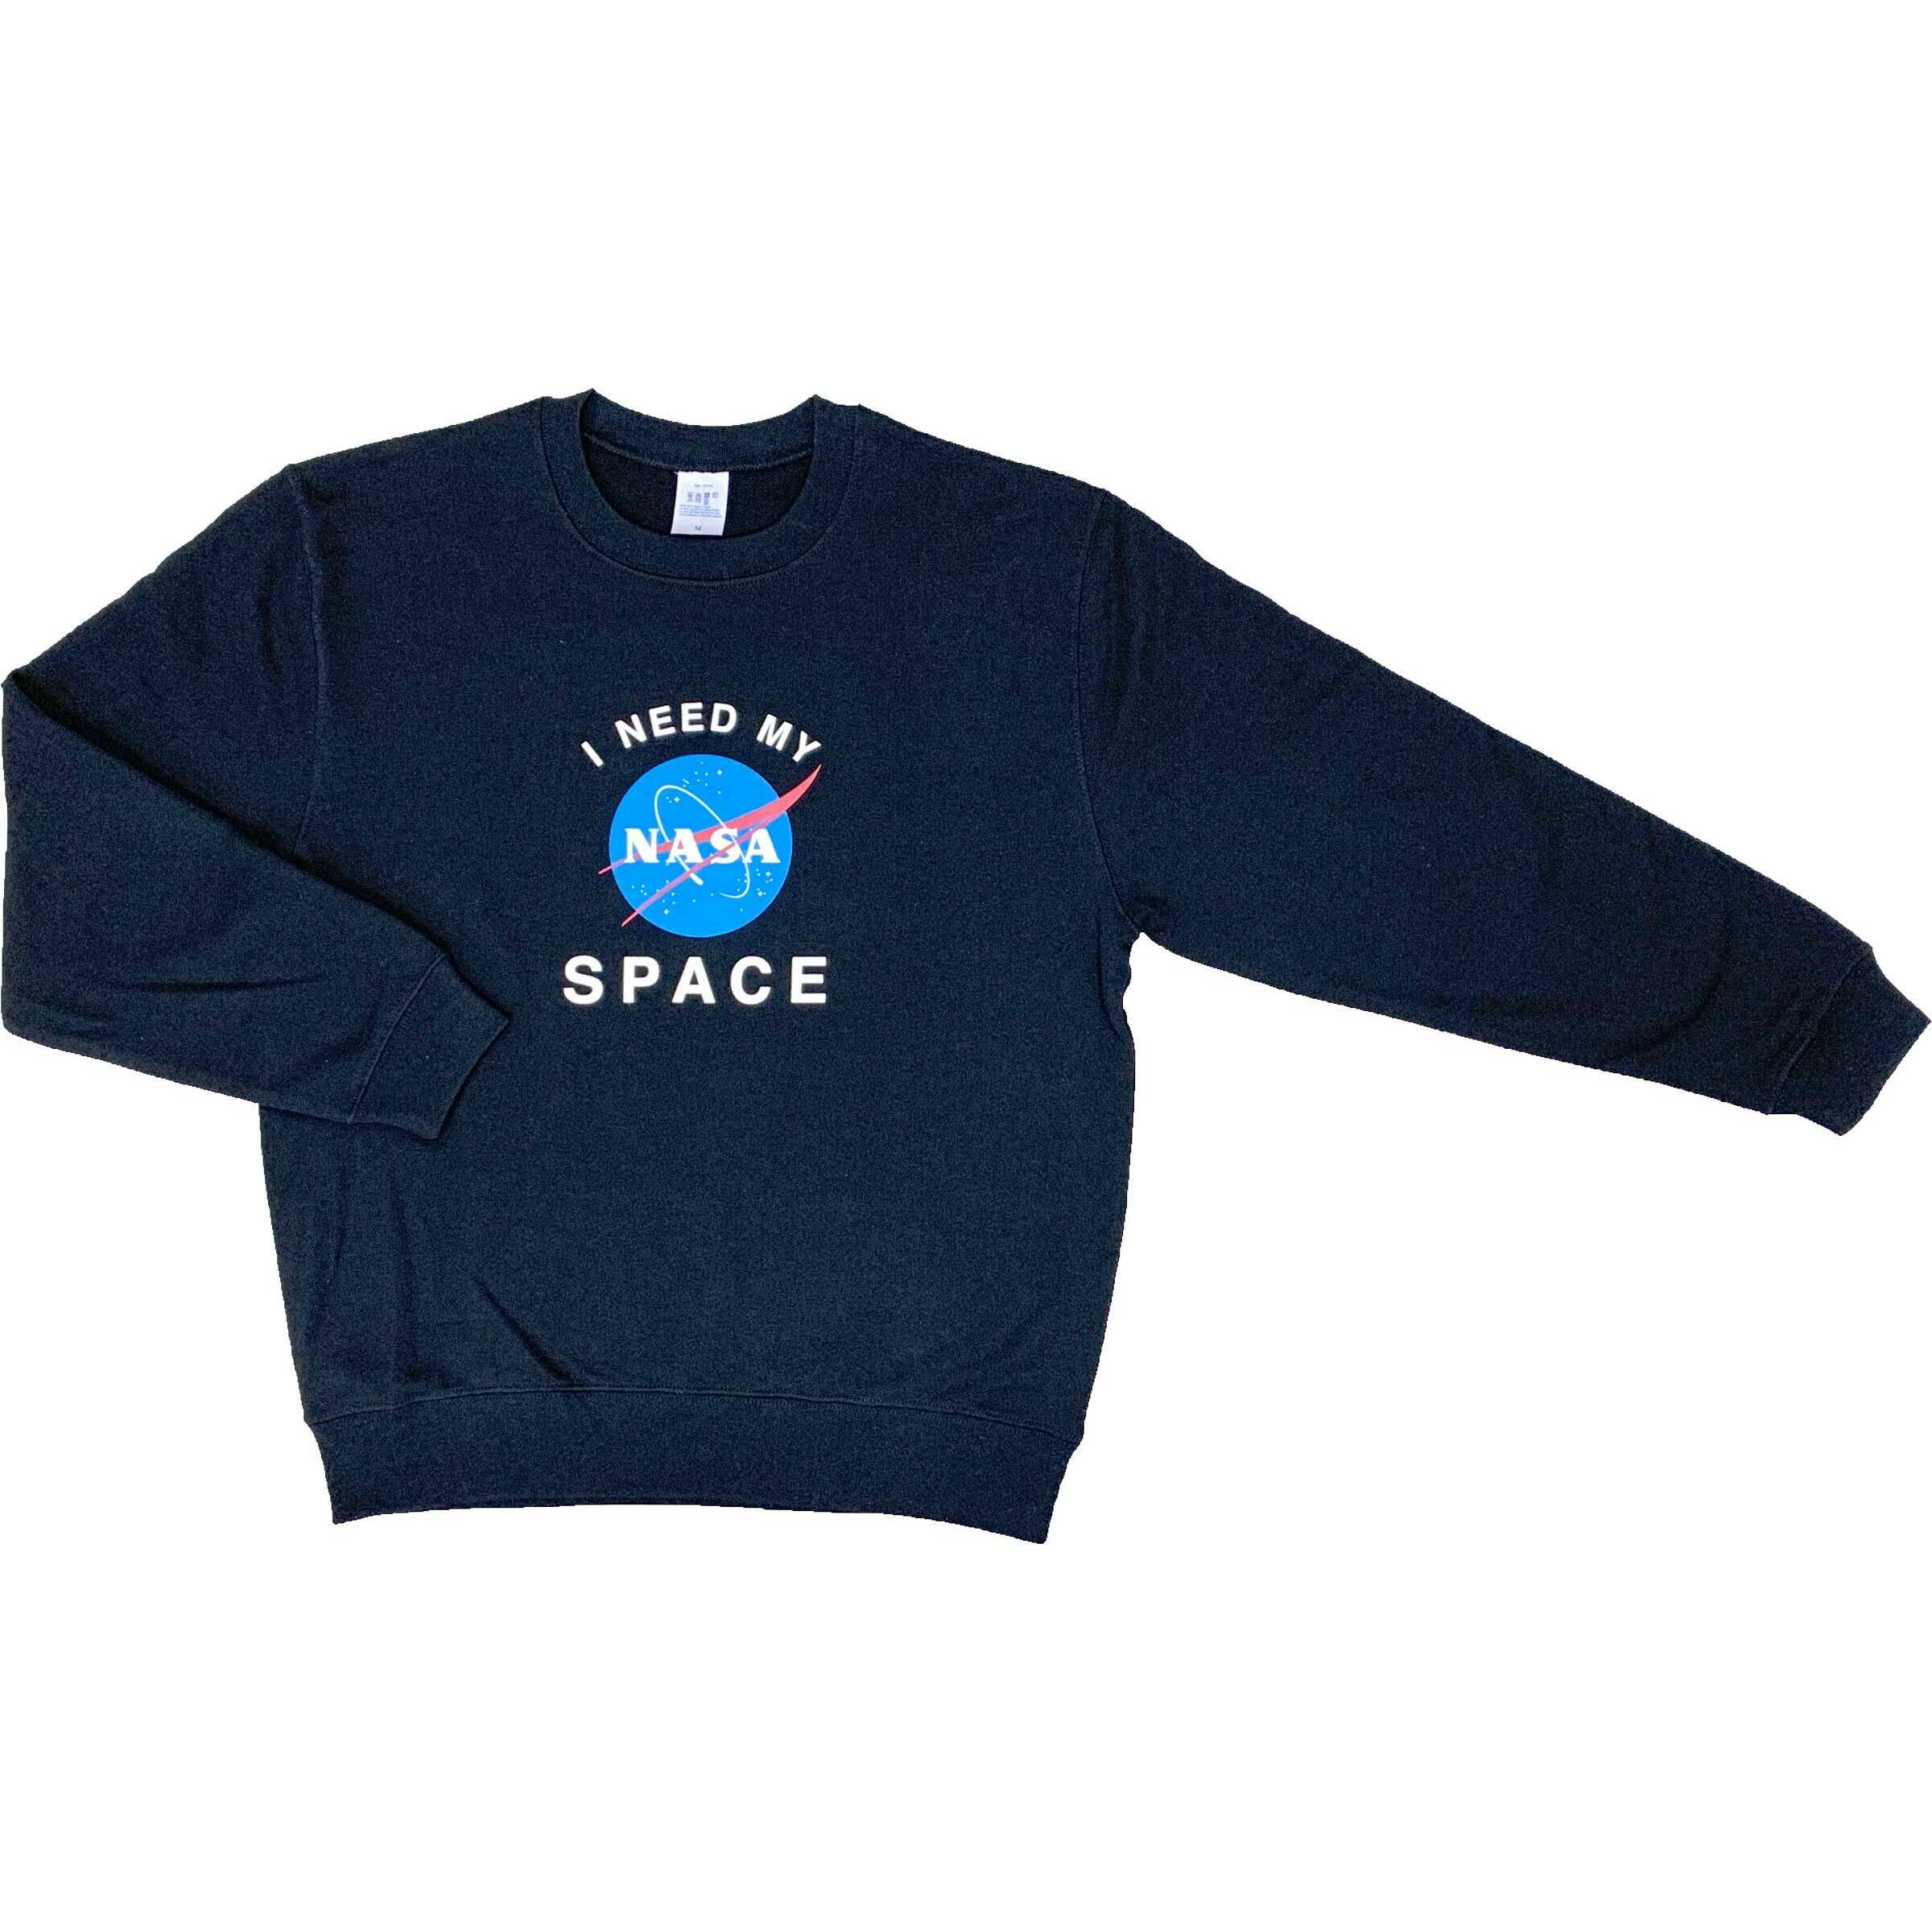 【予約販売】NASA公認(アメリカ航空宇宙局)・トレーナー・JERZEES(ジャージーズ)ボディ・インサイニア(ミートボール)・ブラック